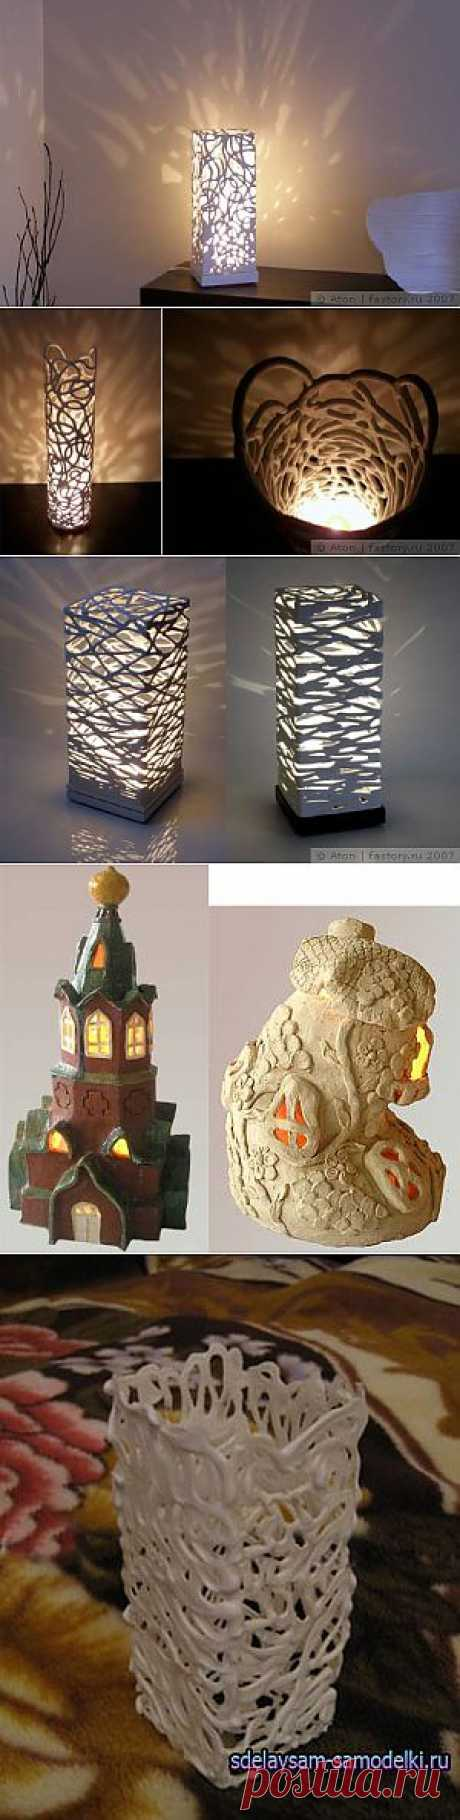 @ Светильник своими руками из пластики (полимерной глины) | МОЙ МИЛЫЙ ДОМ – идеи рукоделия, вязание, декорирование интерьеров